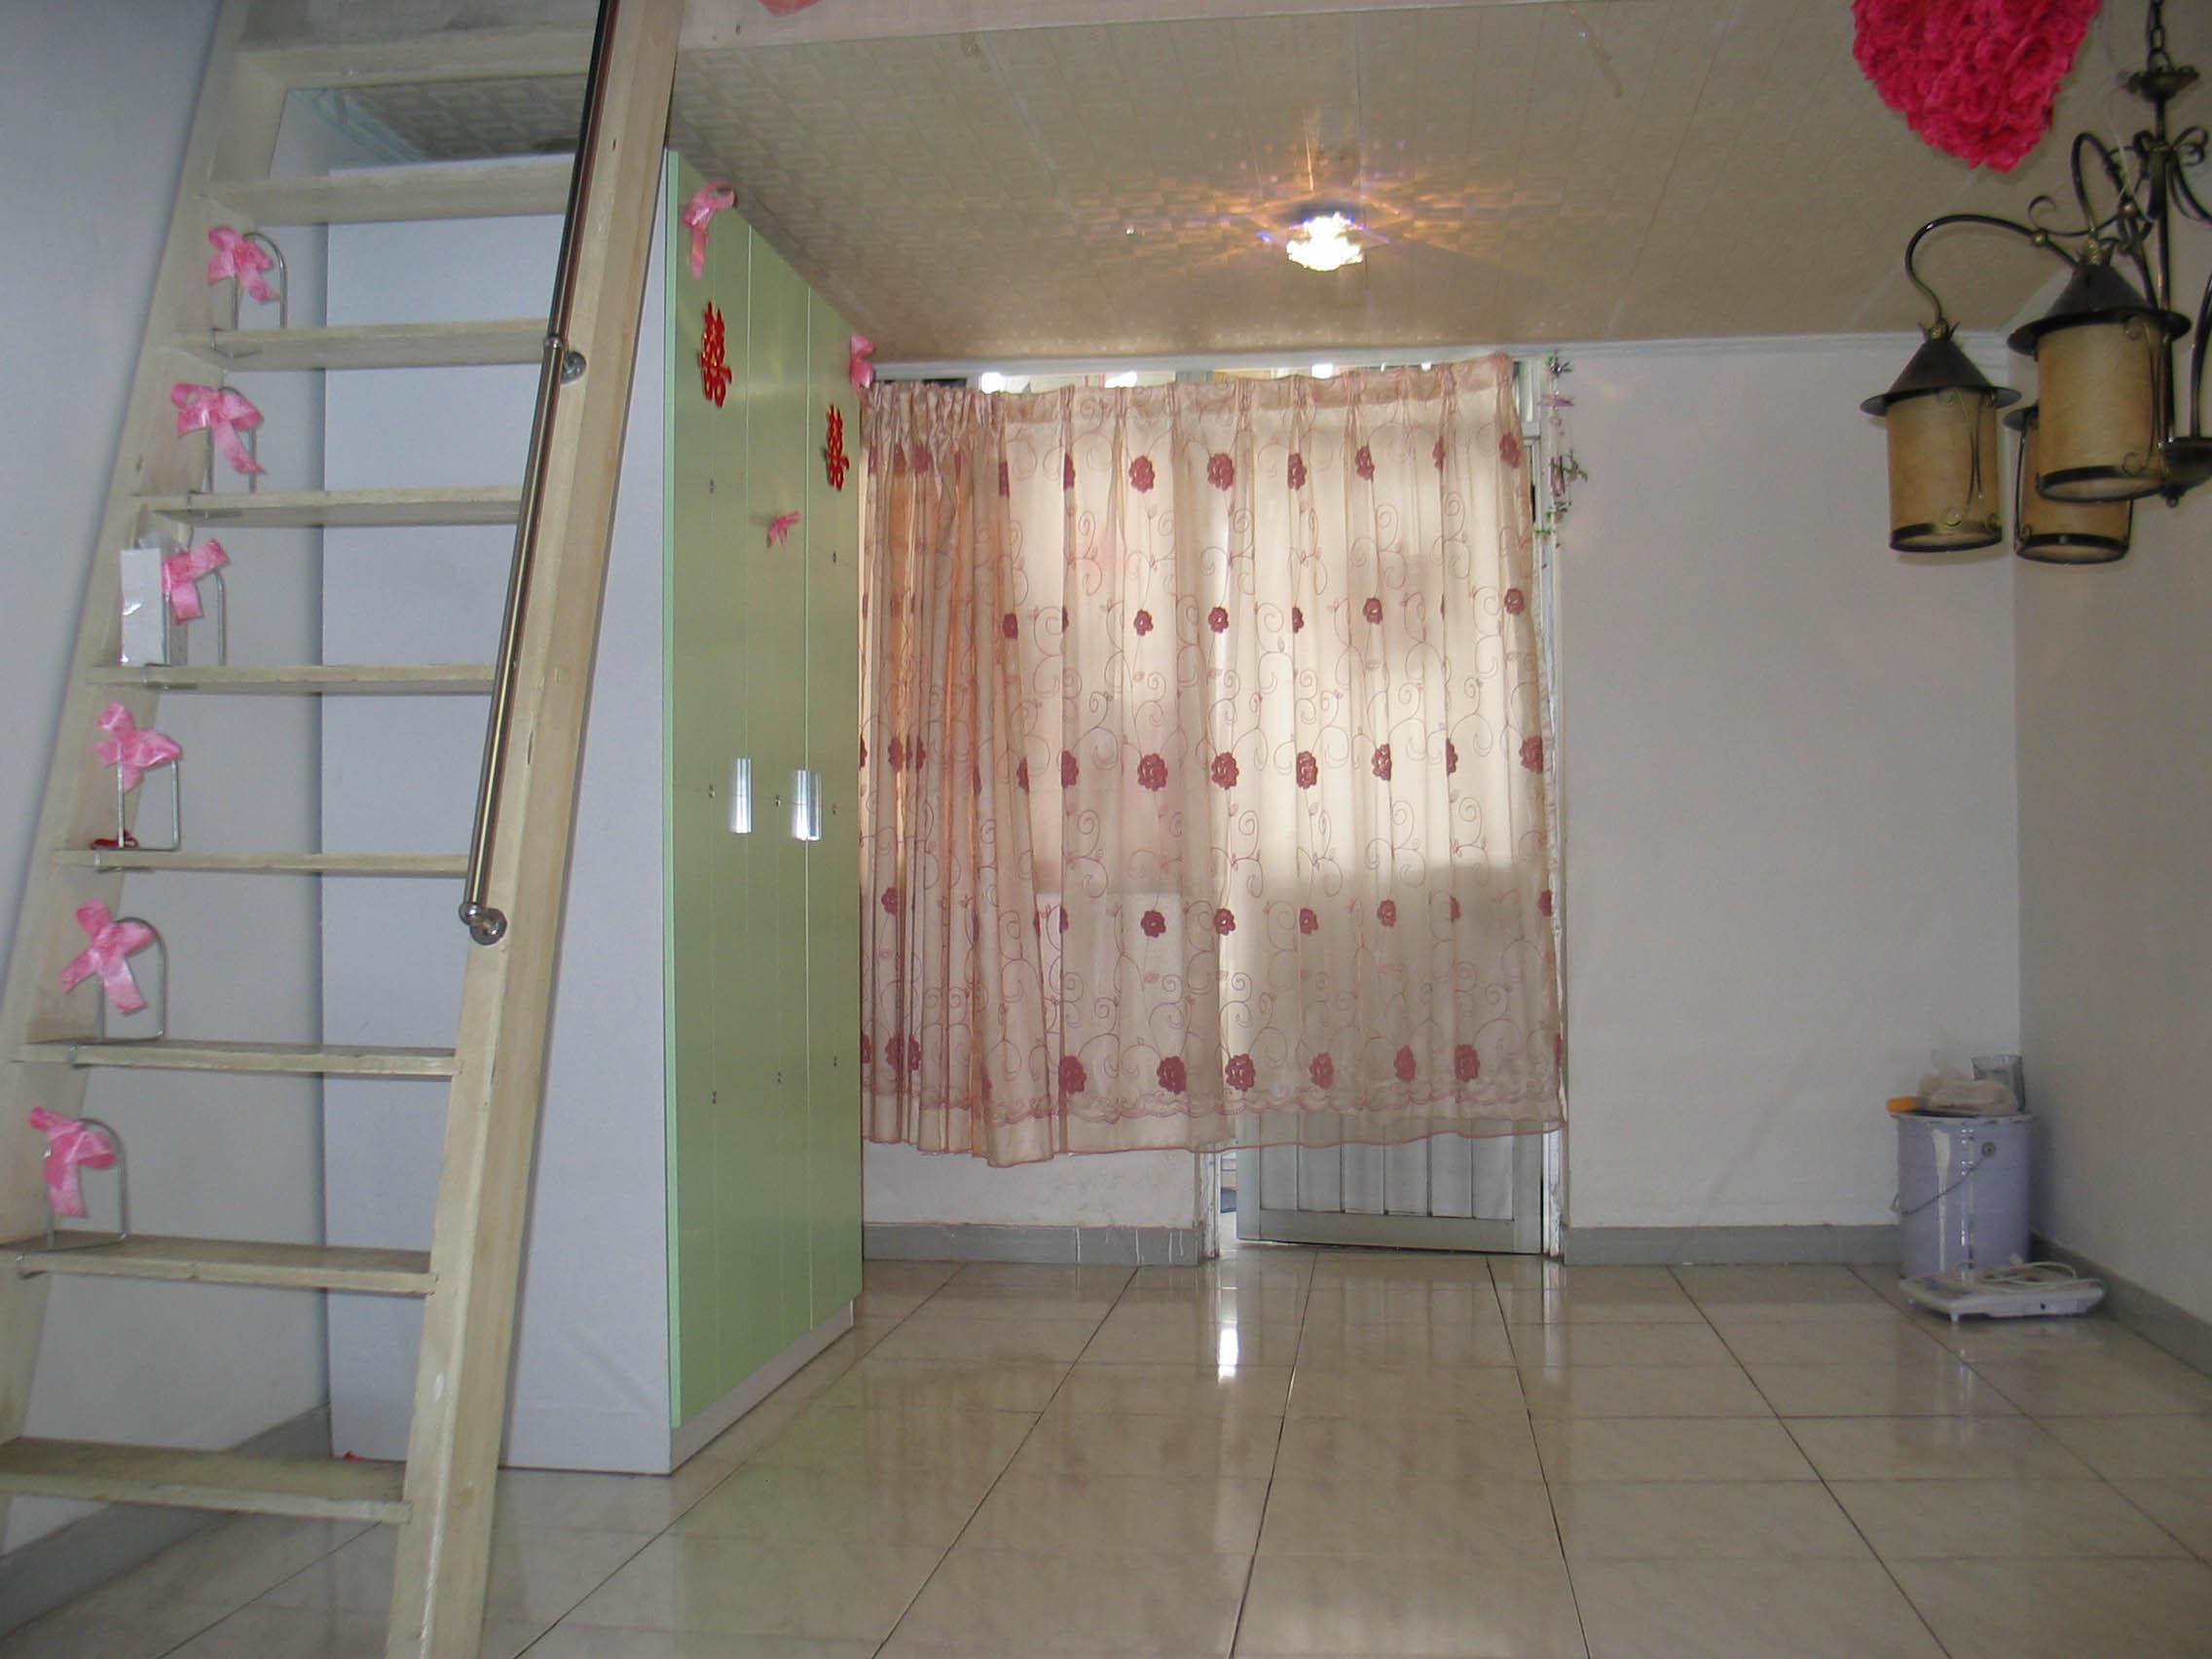 业主出租八卦岭鹏益花园的小复式单身公寓34平米,17楼1200元 - 深圳图片